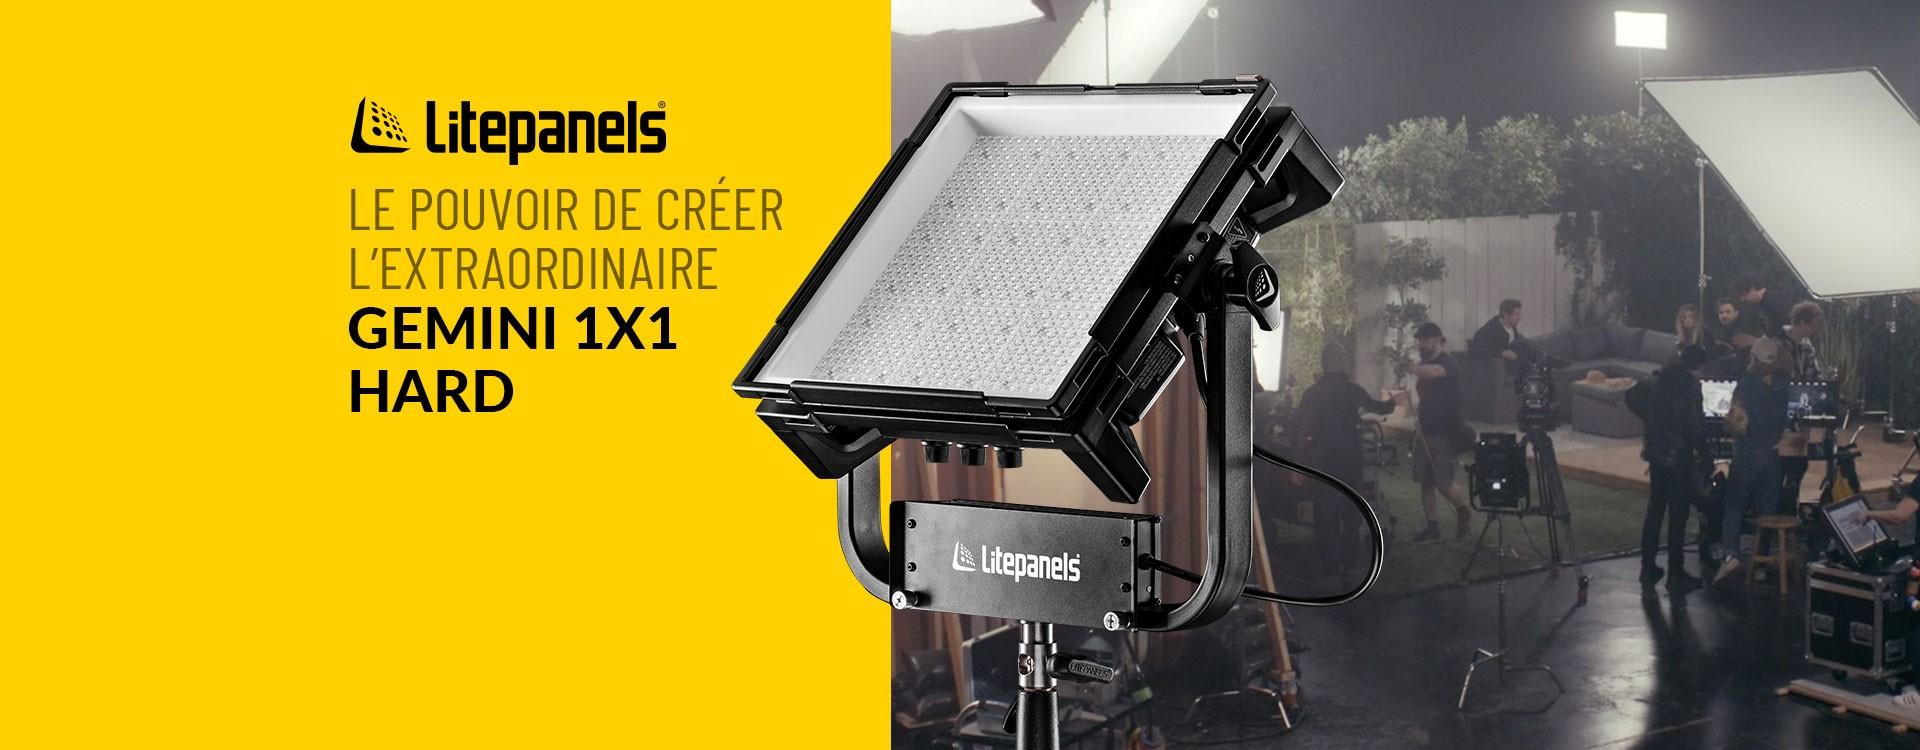 Litepanels lance un nouveau panneau LED RGBWW Hard Gemini 1x1